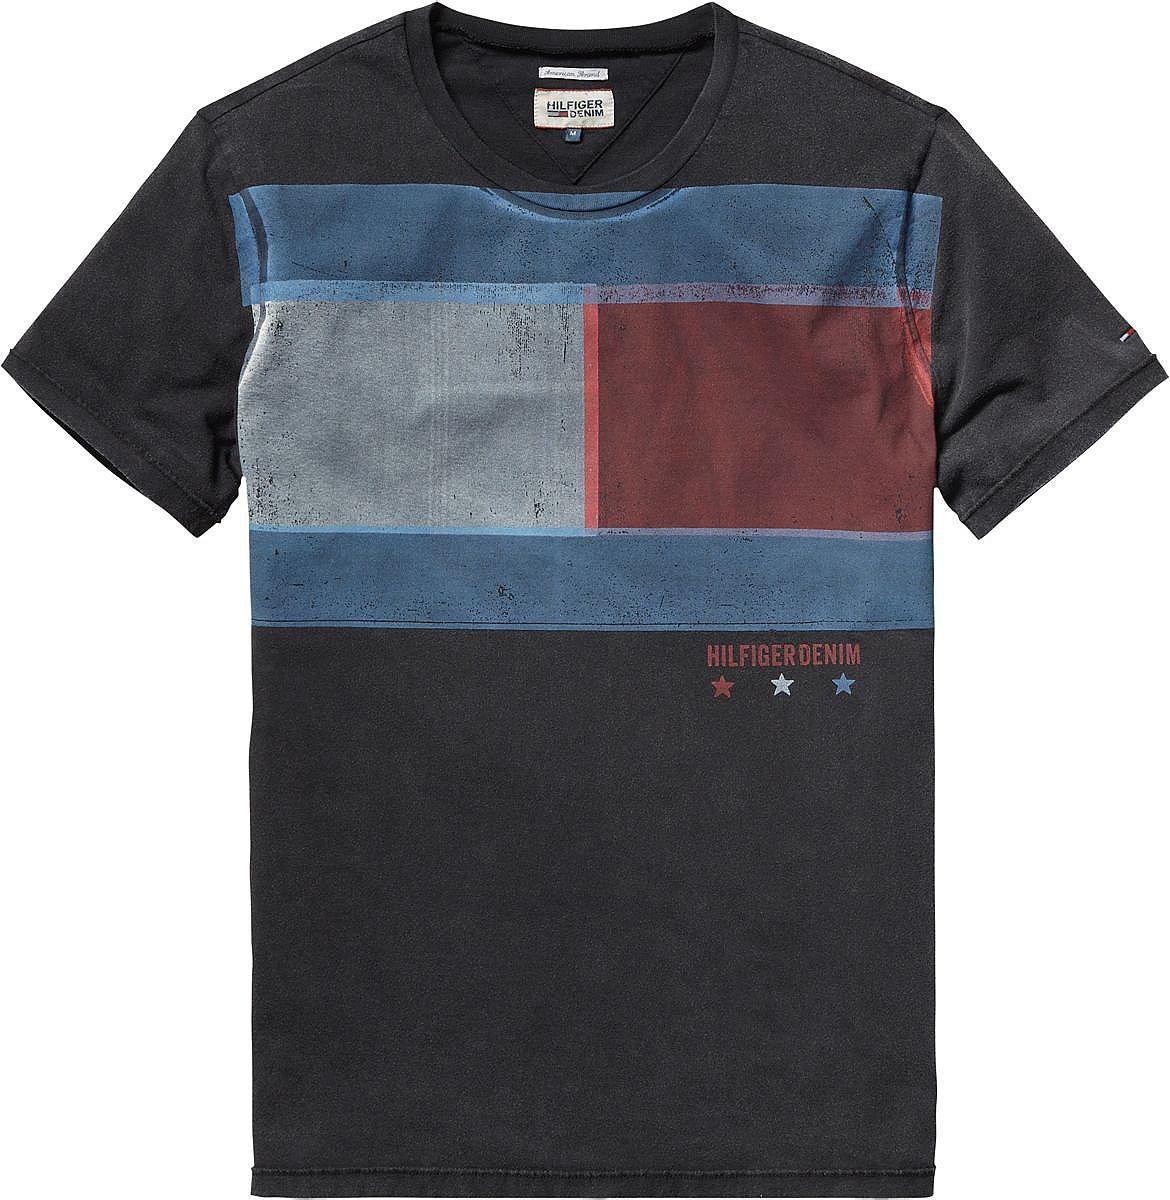 Modisches T-Shirt von Hilfiger Denim mit coolem breiten Flaggen-Print auf der Vorderseite. Angenehmer Tragekomfort, hochwertige Qualität. 100% Baumwolle...